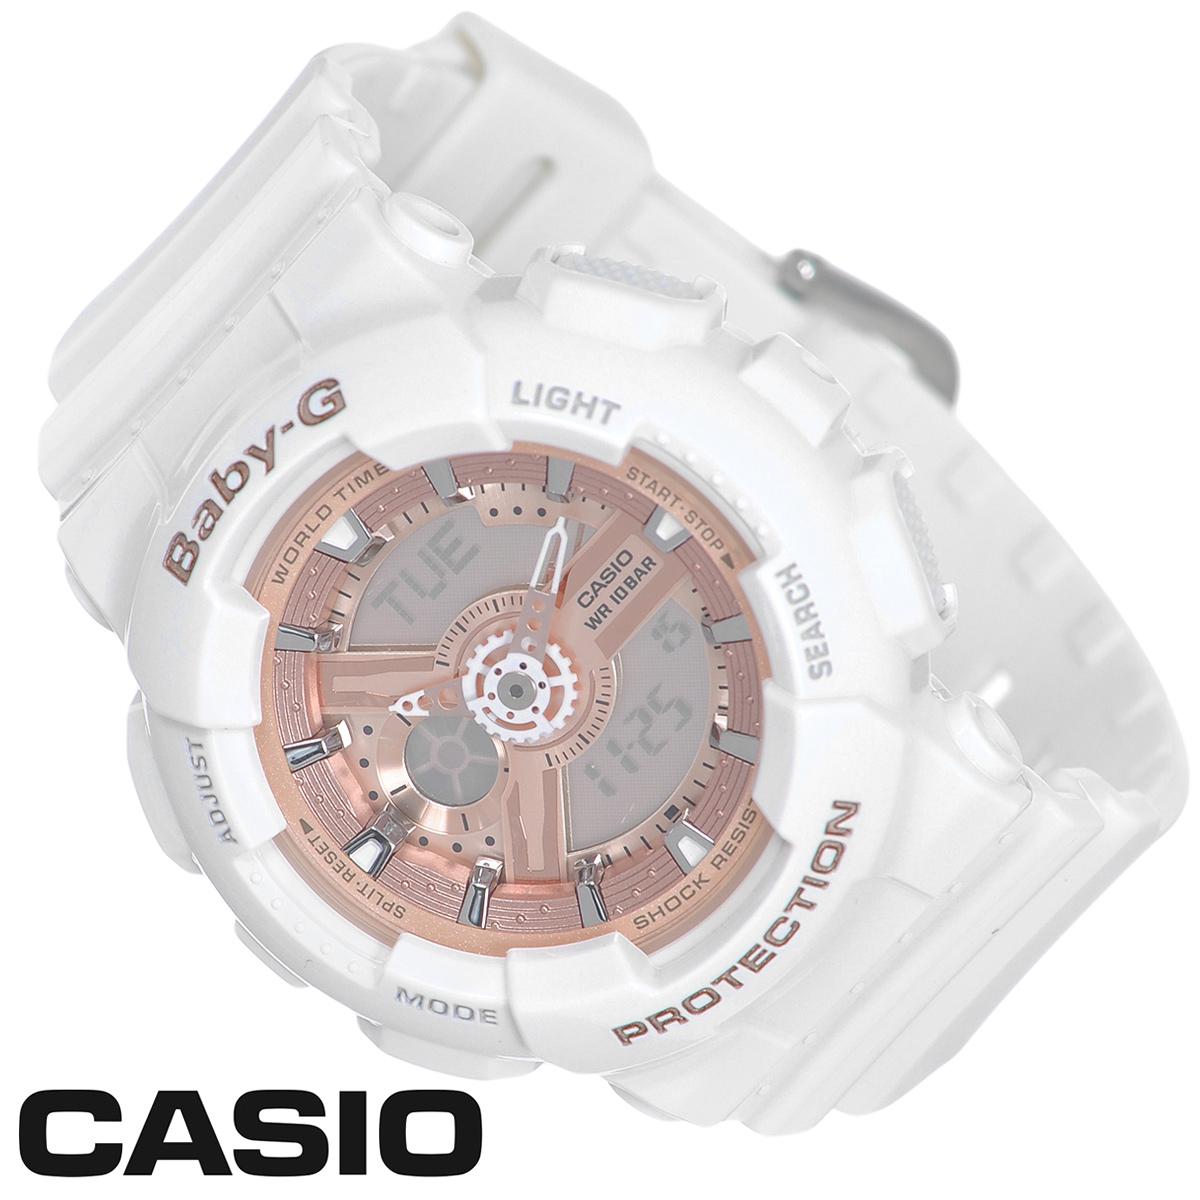 Часы женские наручные Casio Baby-G, цвет: белый, золотой. BA-110-7A1BA-110-7A1Стильные многофункциональные часы Baby-G от японского брэнда Casio - это яркий функциональный аксессуар для современных людей, которые стремятся выделиться из толпы и подчеркнуть свою индивидуальность. Часы выполнены в спортивном стиле.Часы оснащены японским кварцевым механизмом, имеют ударопрочную конструкцию, защищающую механизм от ударов и вибрации. Циферблат оснащен двумя стрелками и подсвечивается светодиодом. Ремешок из мягкого пластика застегивается на классическую застежку.Основные функции: - 5 будильников, один с функцией повтора сигнала (чтобы отложить пробуждение), ежечасный сигнал; - сплит-хронограф; - автоматический календарь (число, месяц, день недели, год); - секундомер с точностью показаний 1/100 с, время измерения 24 ч; - 12-ти и 24-х часовой формат времени; - таймер обратного отсчета от 1 мин до 24 ч; - функция включения/отключения звука; - мировое время. Часы упакованы в фирменную коробку с логотипом Casio. Такой аксессуар добавит вашему образу стиля и подчеркнет безупречный вкус своего владельца. Характеристики:Диаметр циферблата: 3 см.Размер корпуса: 4,6 см х 4,3 см х 1,6 см.Длина ремешка (с корпусом): 22 см.Ширина ремешка: 1,9 см. STAINLESS STELL BACK JAPAN MOVT Y CASED IN CHINA.